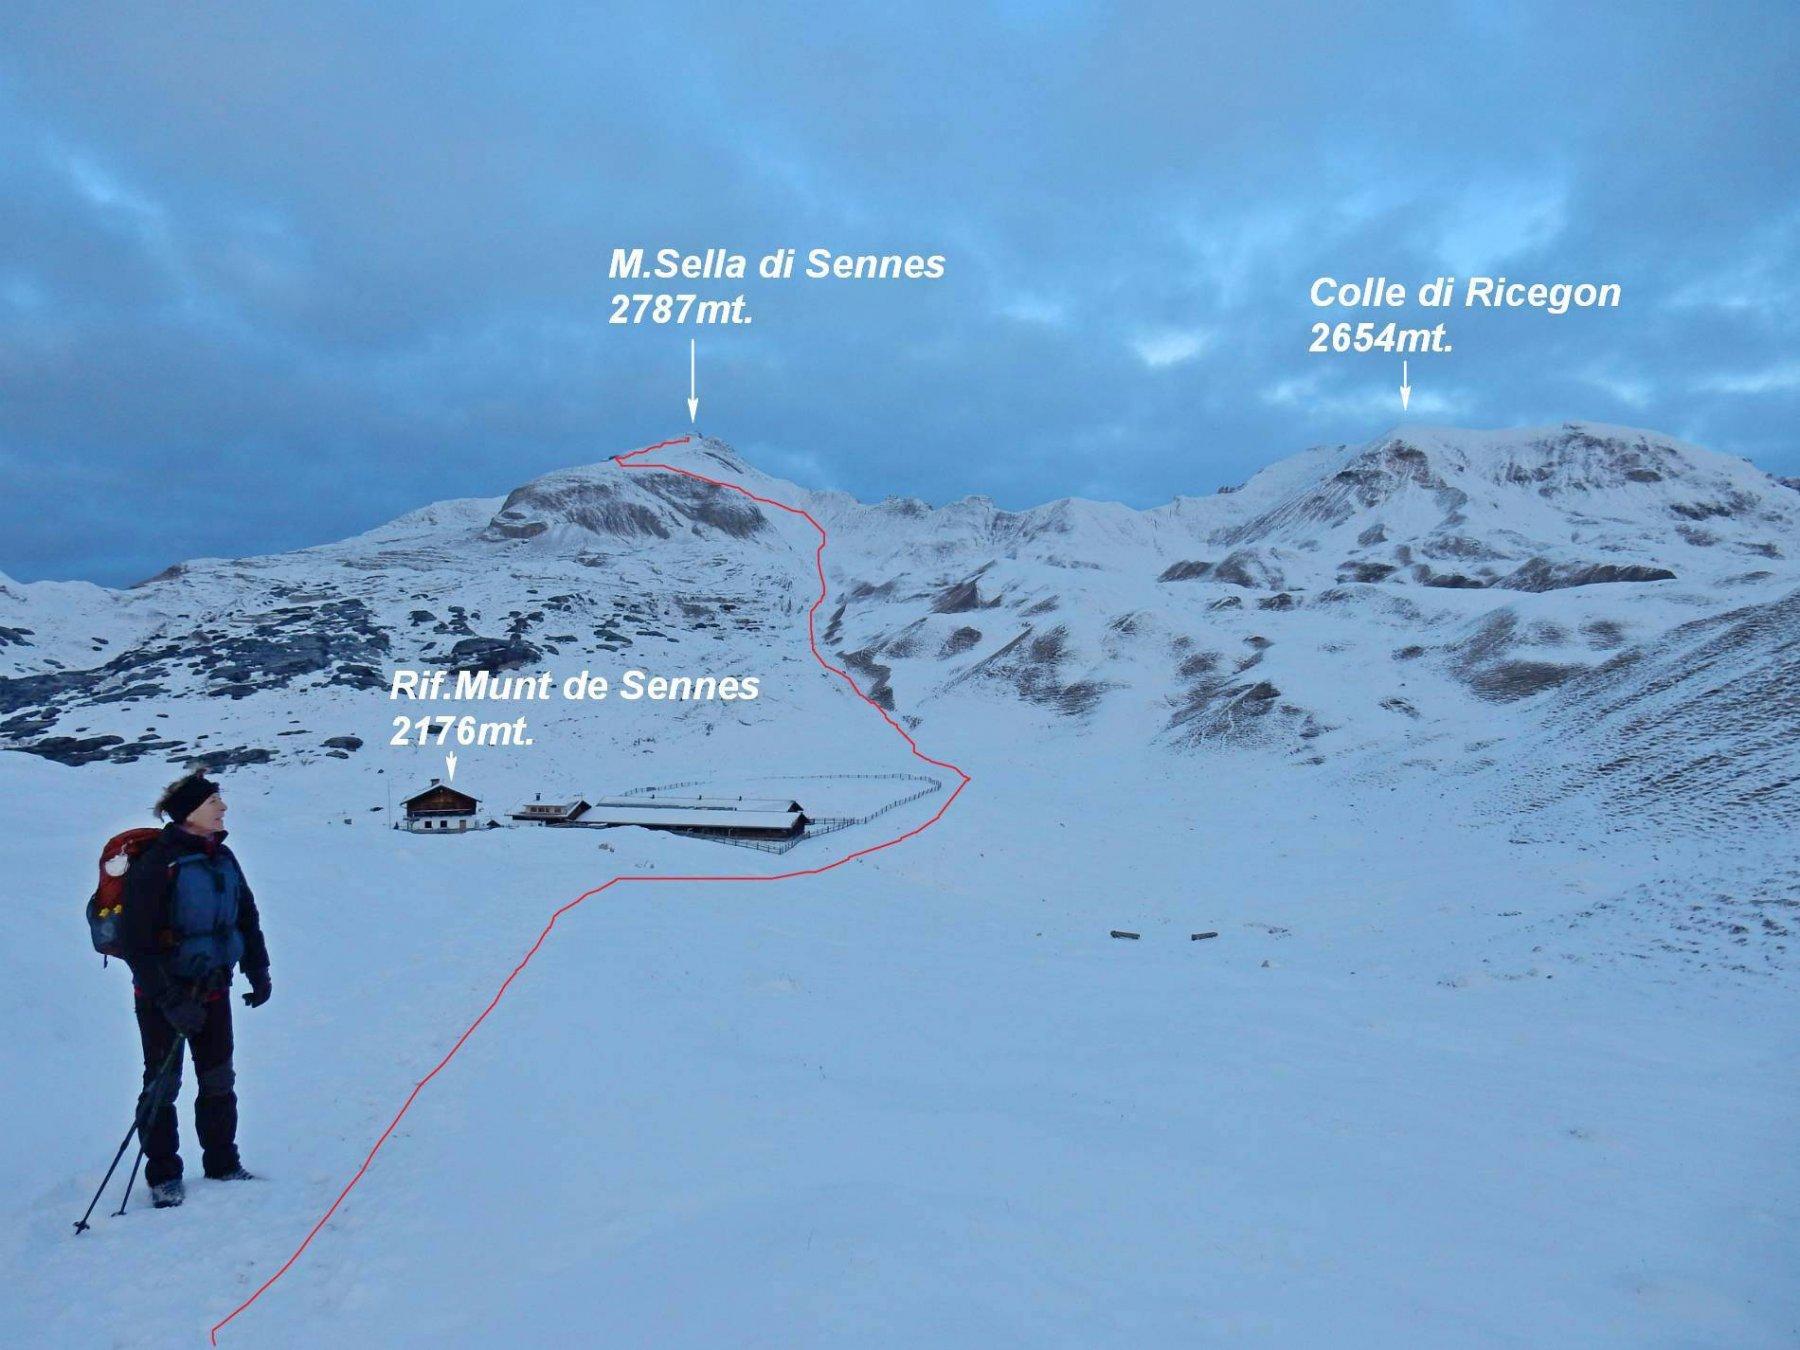 Il M.Sella di Sennes visto dal Rif.Munt de Sennes 2176mt. in rosso la traccia.